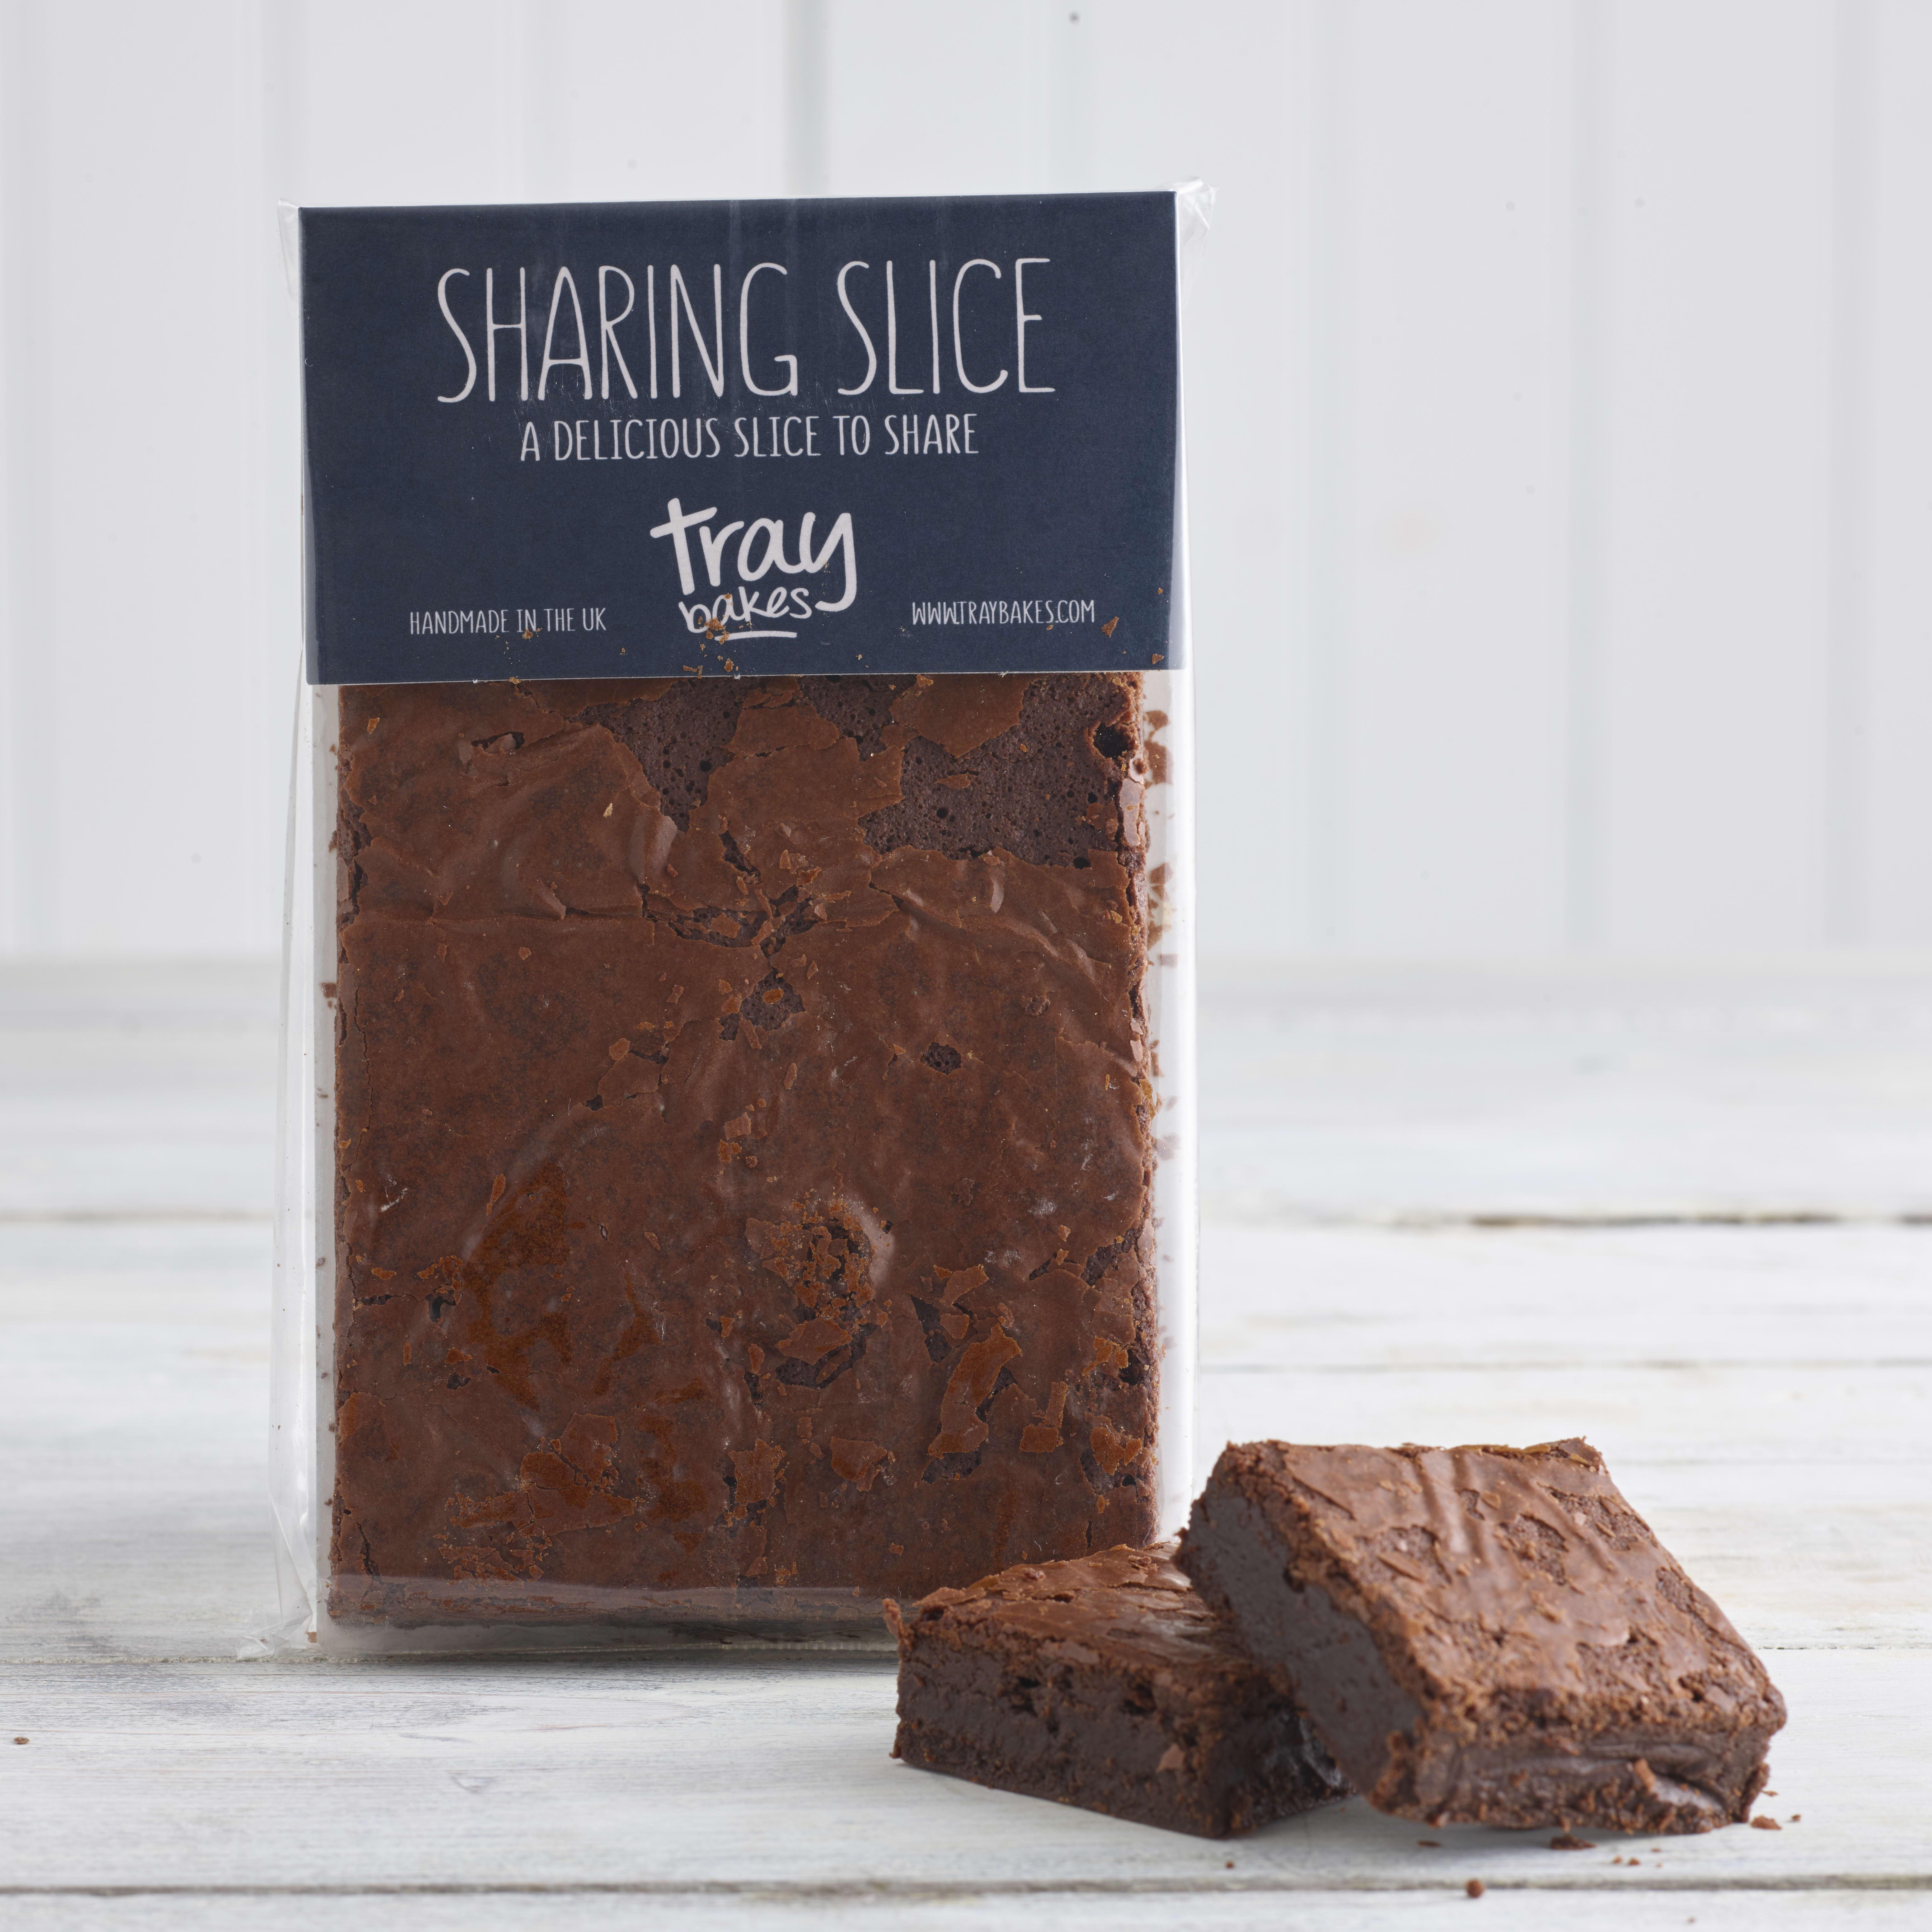 Traybakes Dark Chocolate Brownie Sharing Slice,